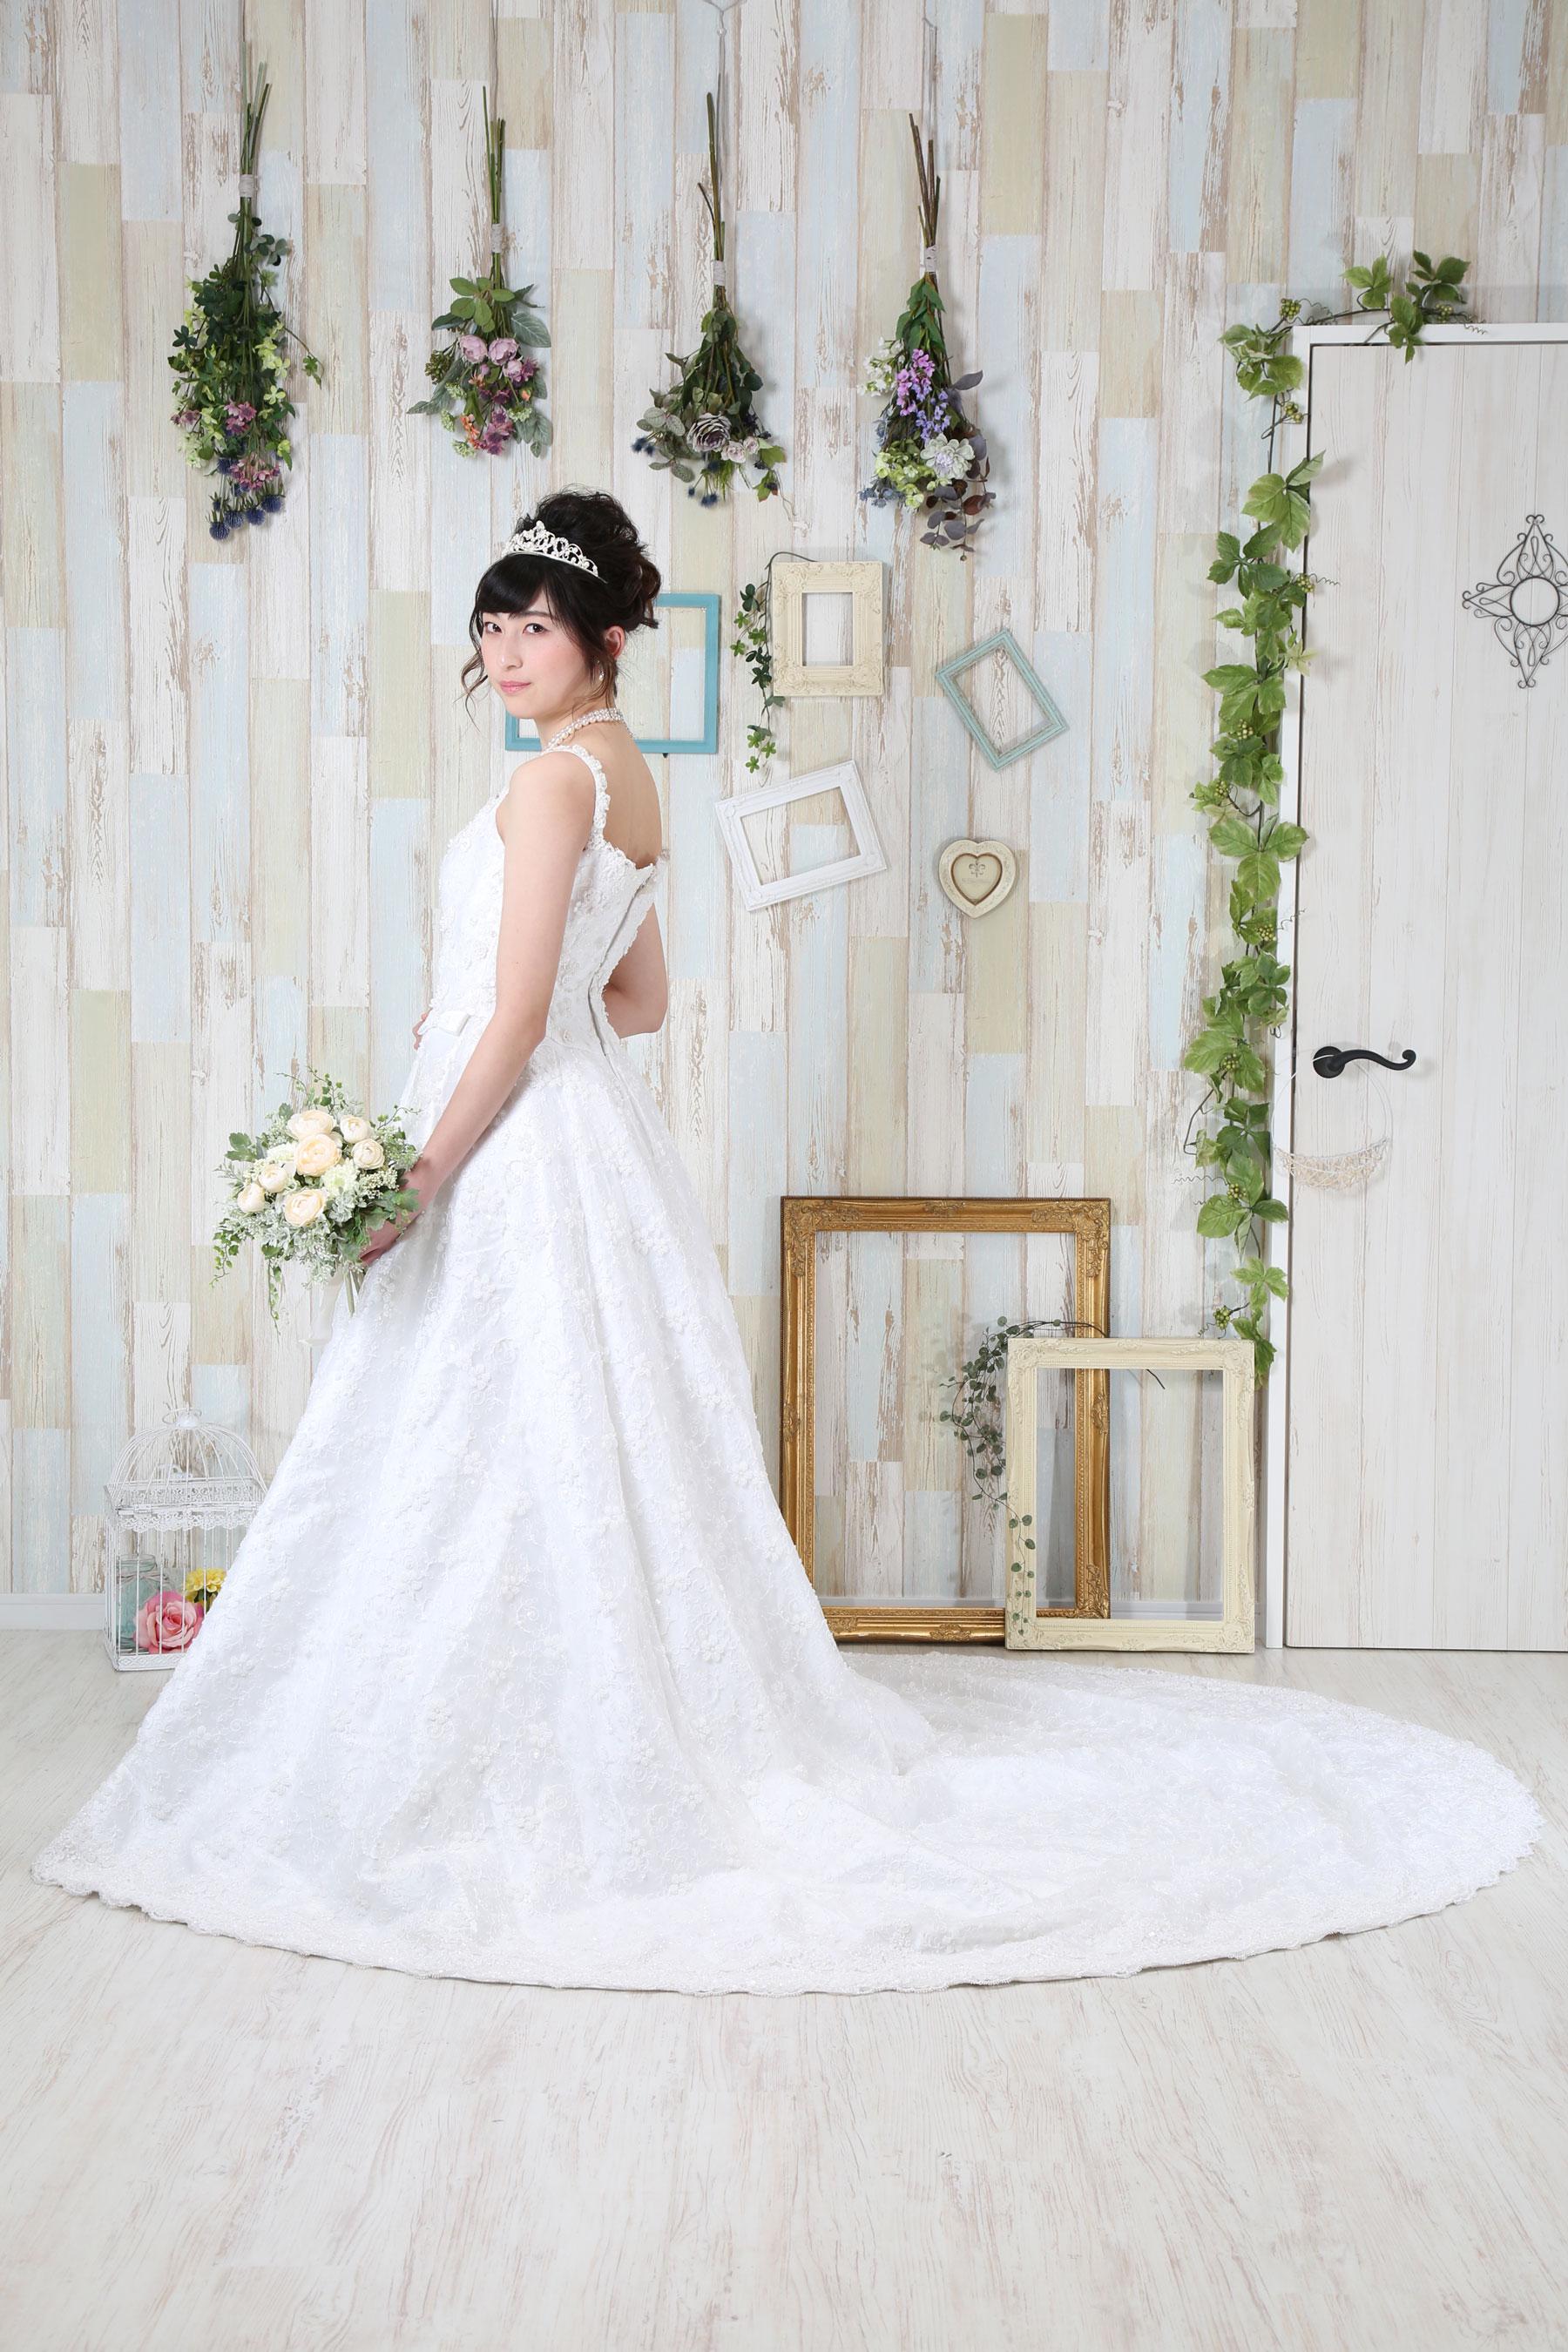 ★20180211-ドレス衣装撮影_147